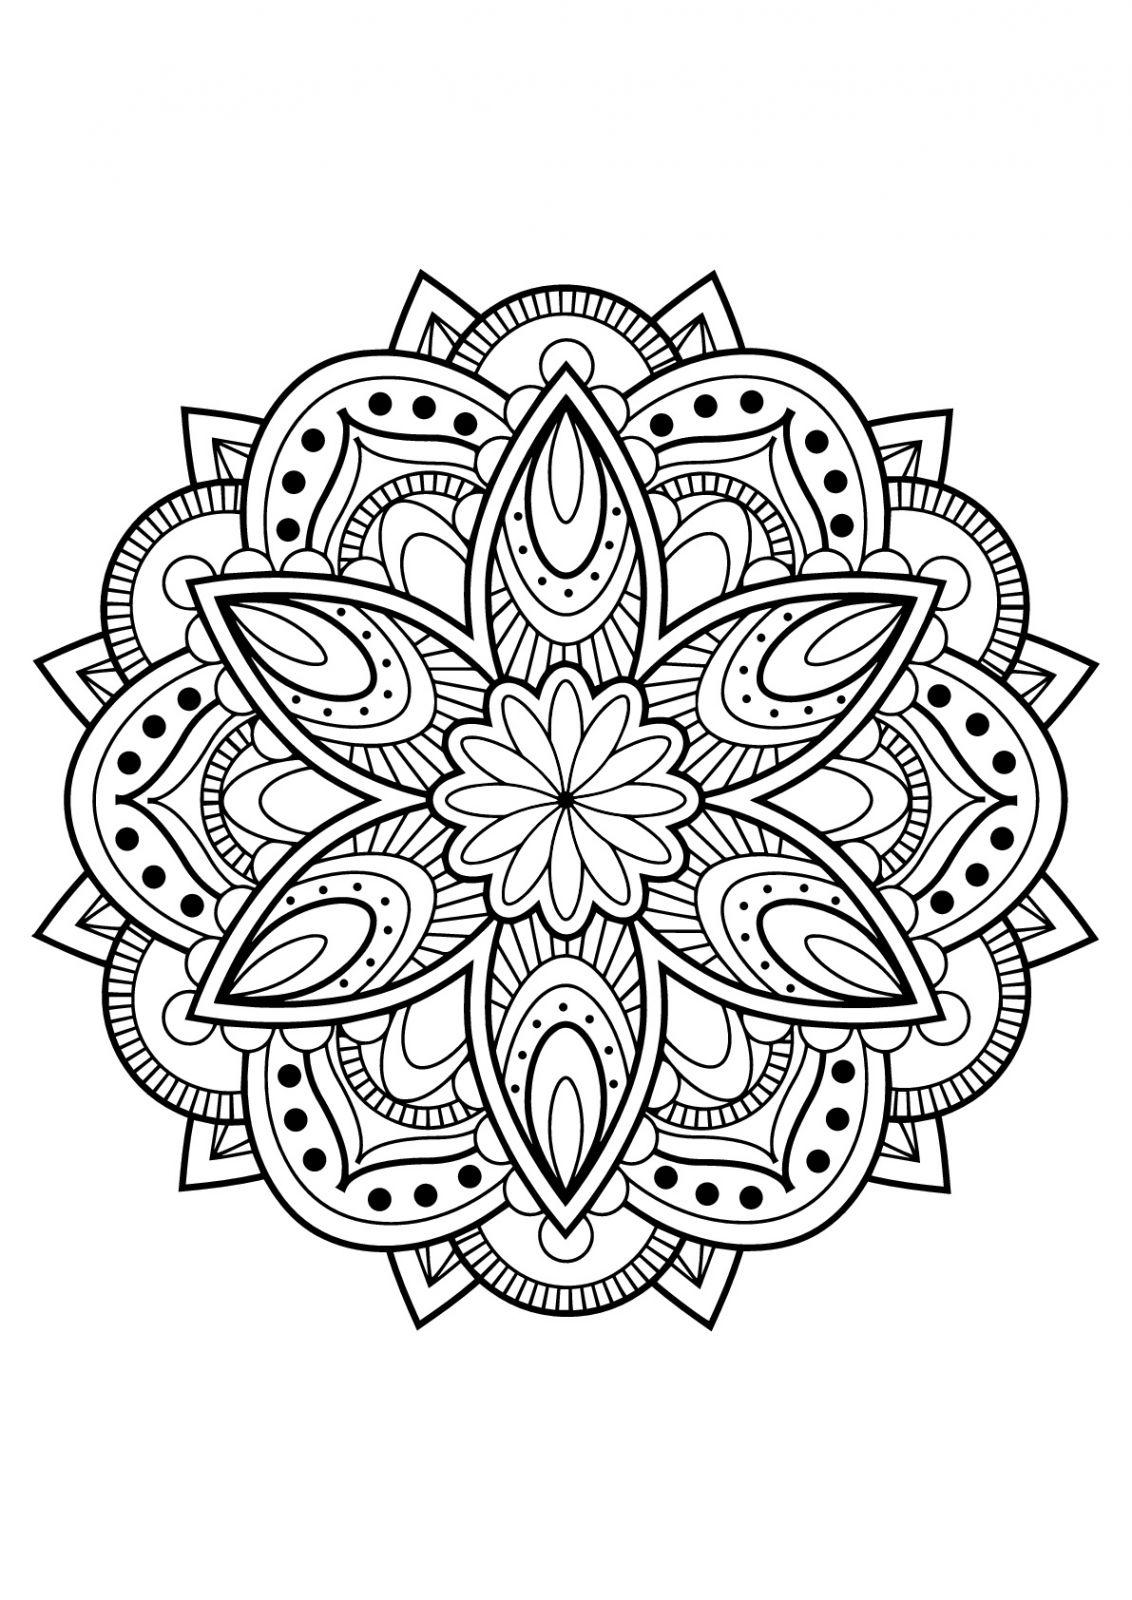 Coloriage Mandalas Imprimer Pour Adulte | Coloriages À à Dessin A Imprimer Pour Adulte